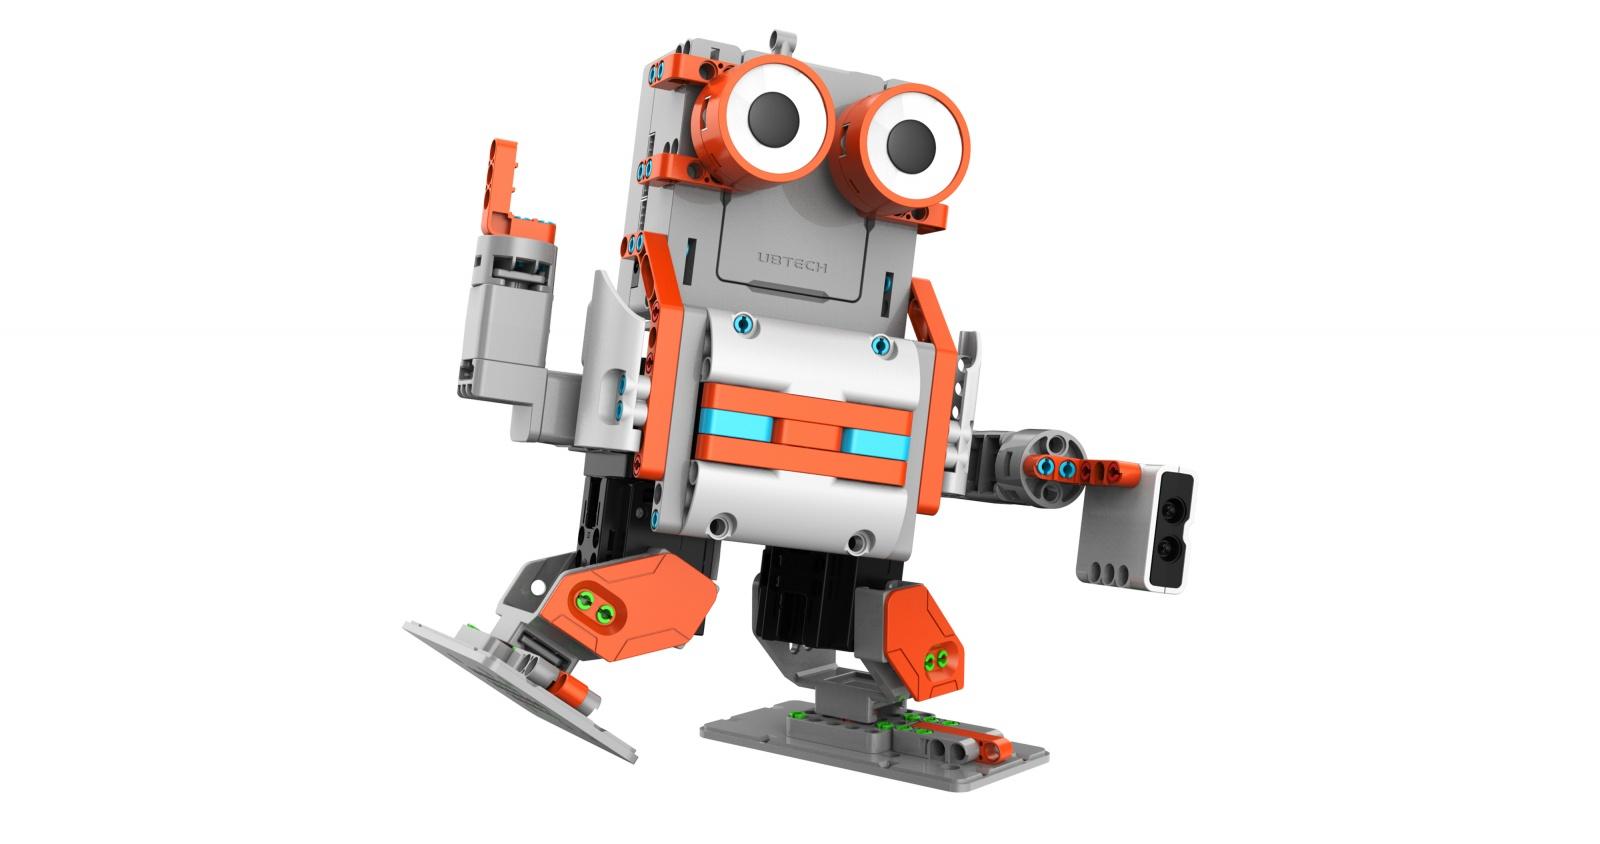 Обучаемся робототехнике и началам программирования при помощи дроидов из «Звездных войн» и конструкторов - 1